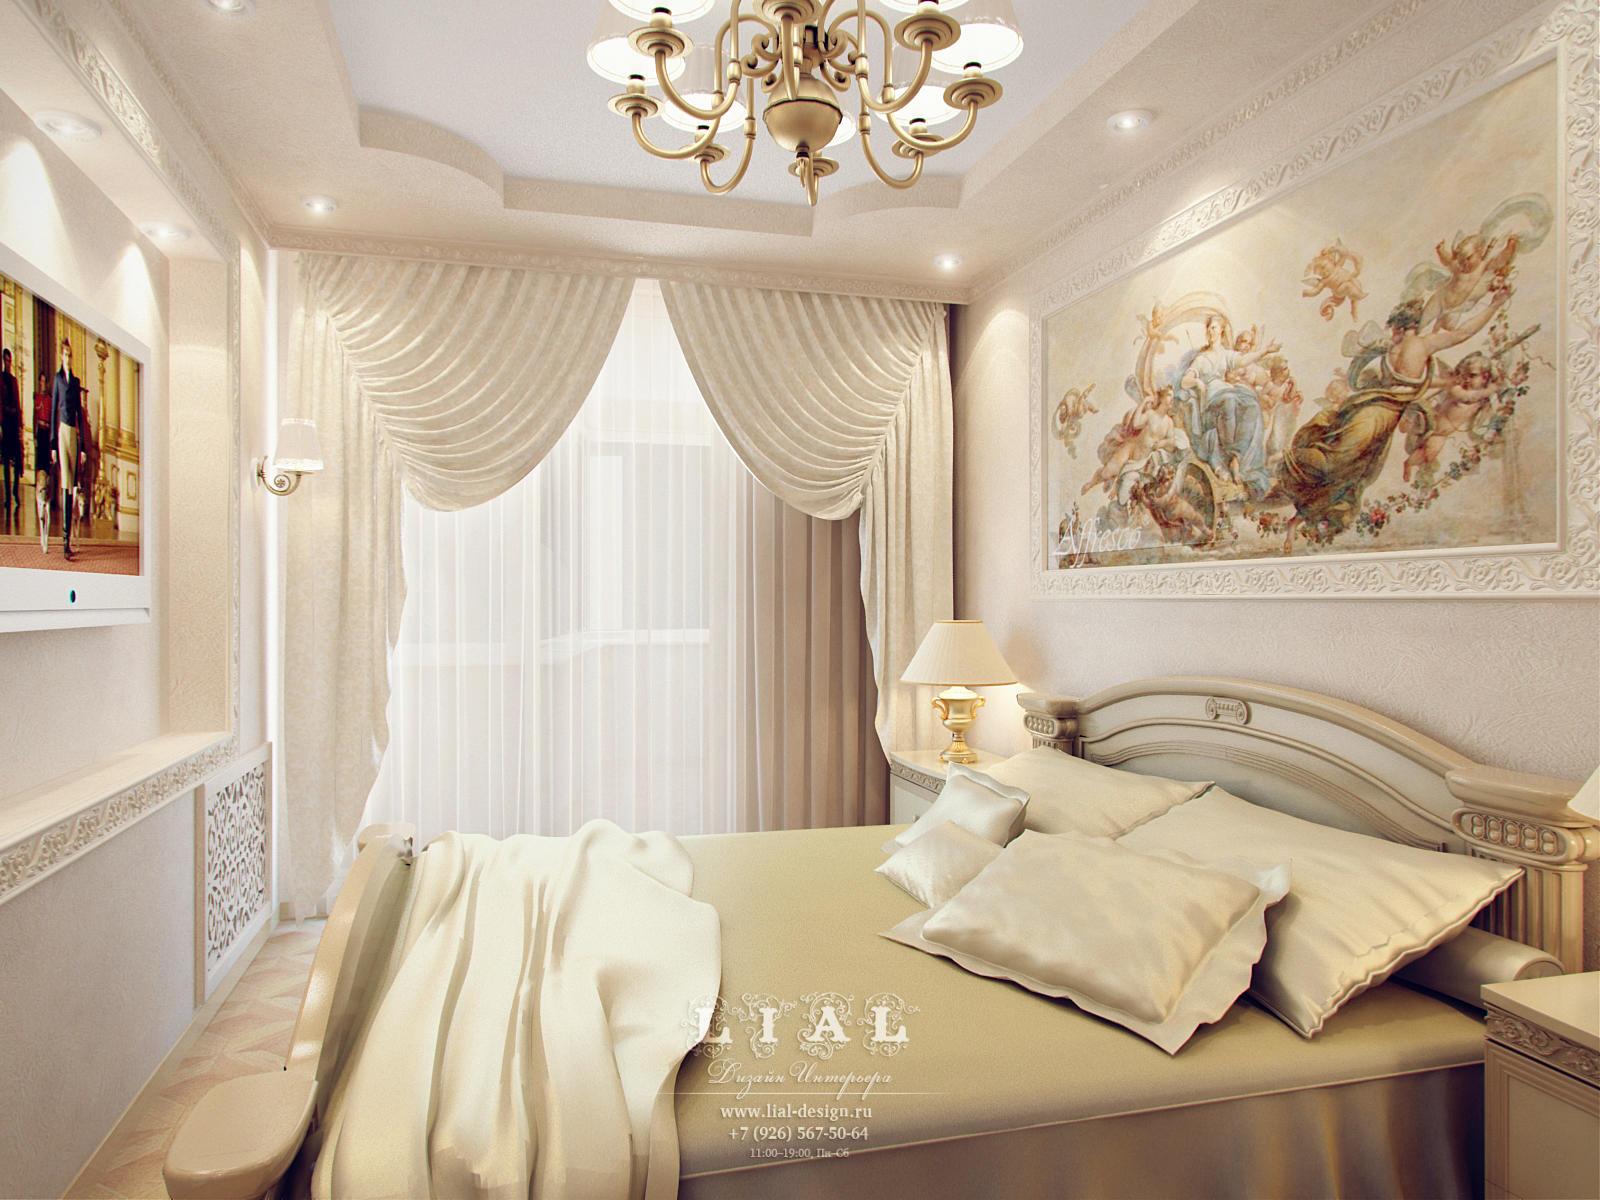 Дизайн интерьера бежевой спальни: фото интерьера 2016